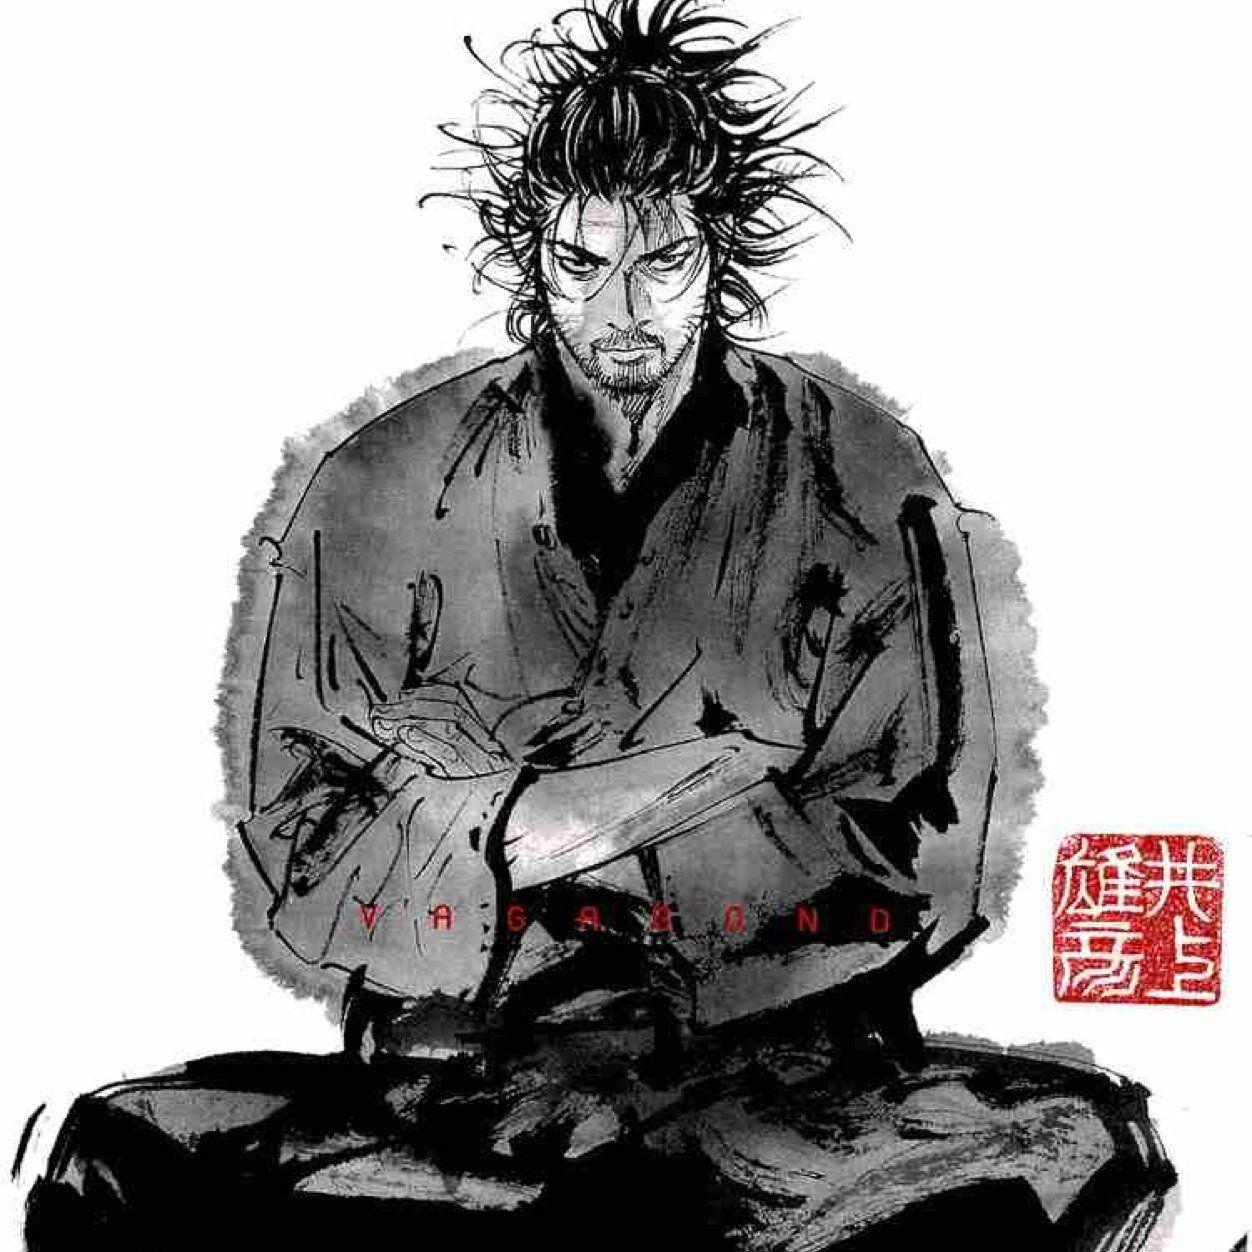 宮本武蔵 Musashi Miyamoto By Takehiko Inoue 空手 イラスト